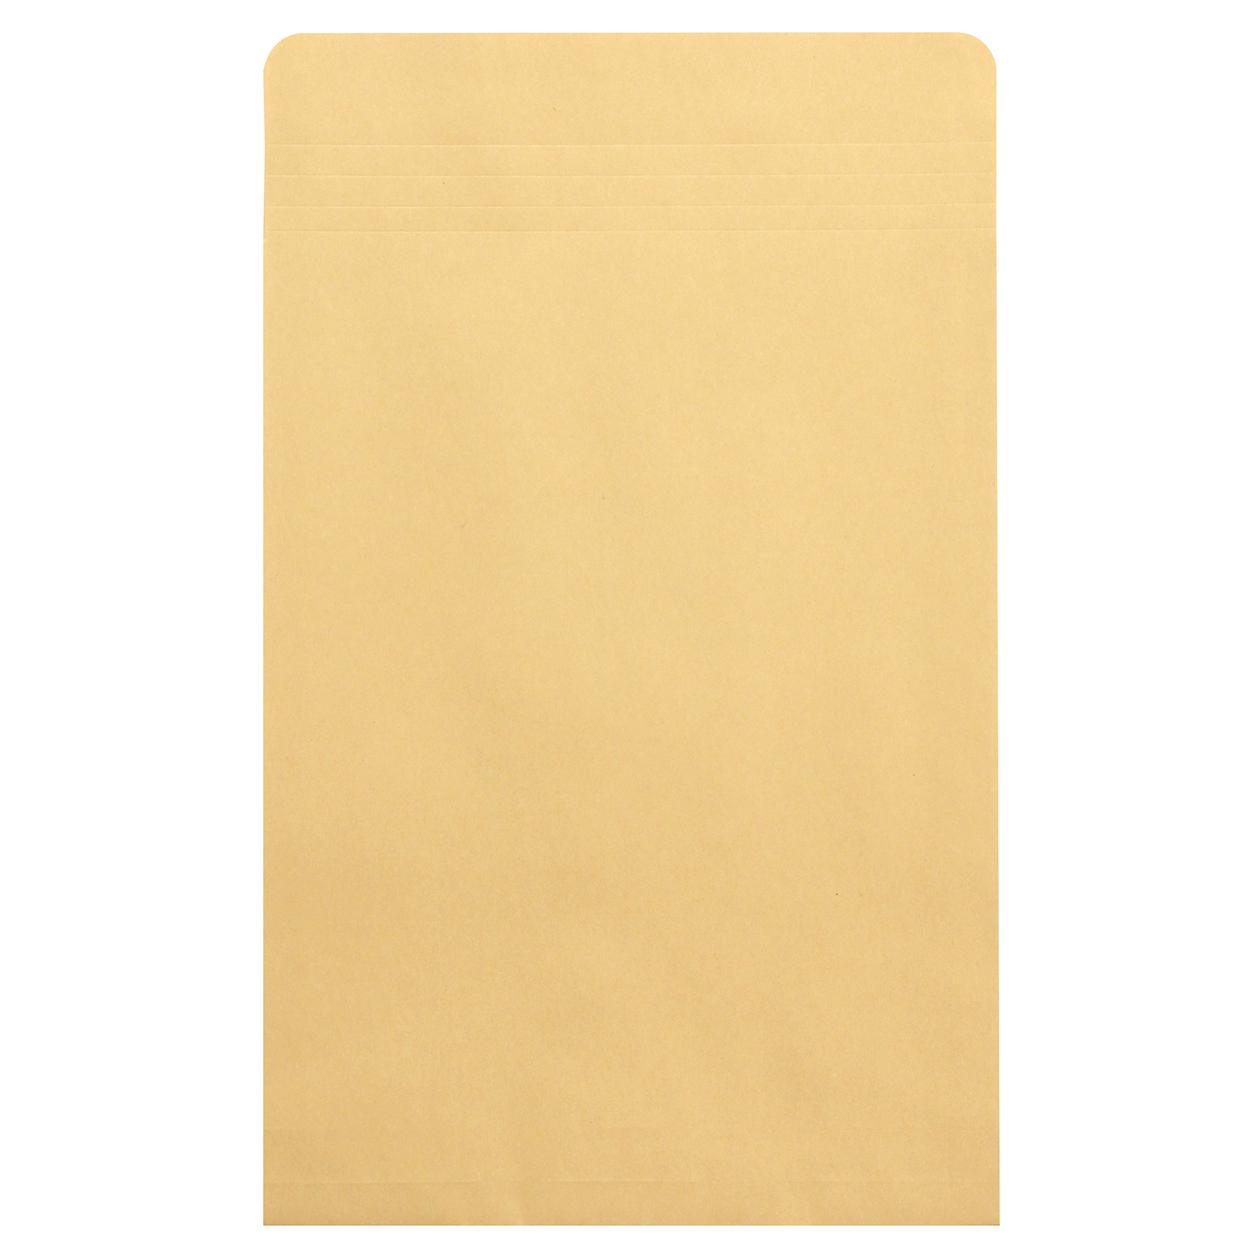 角2はこ貼封筒 クラフト 120g センター貼